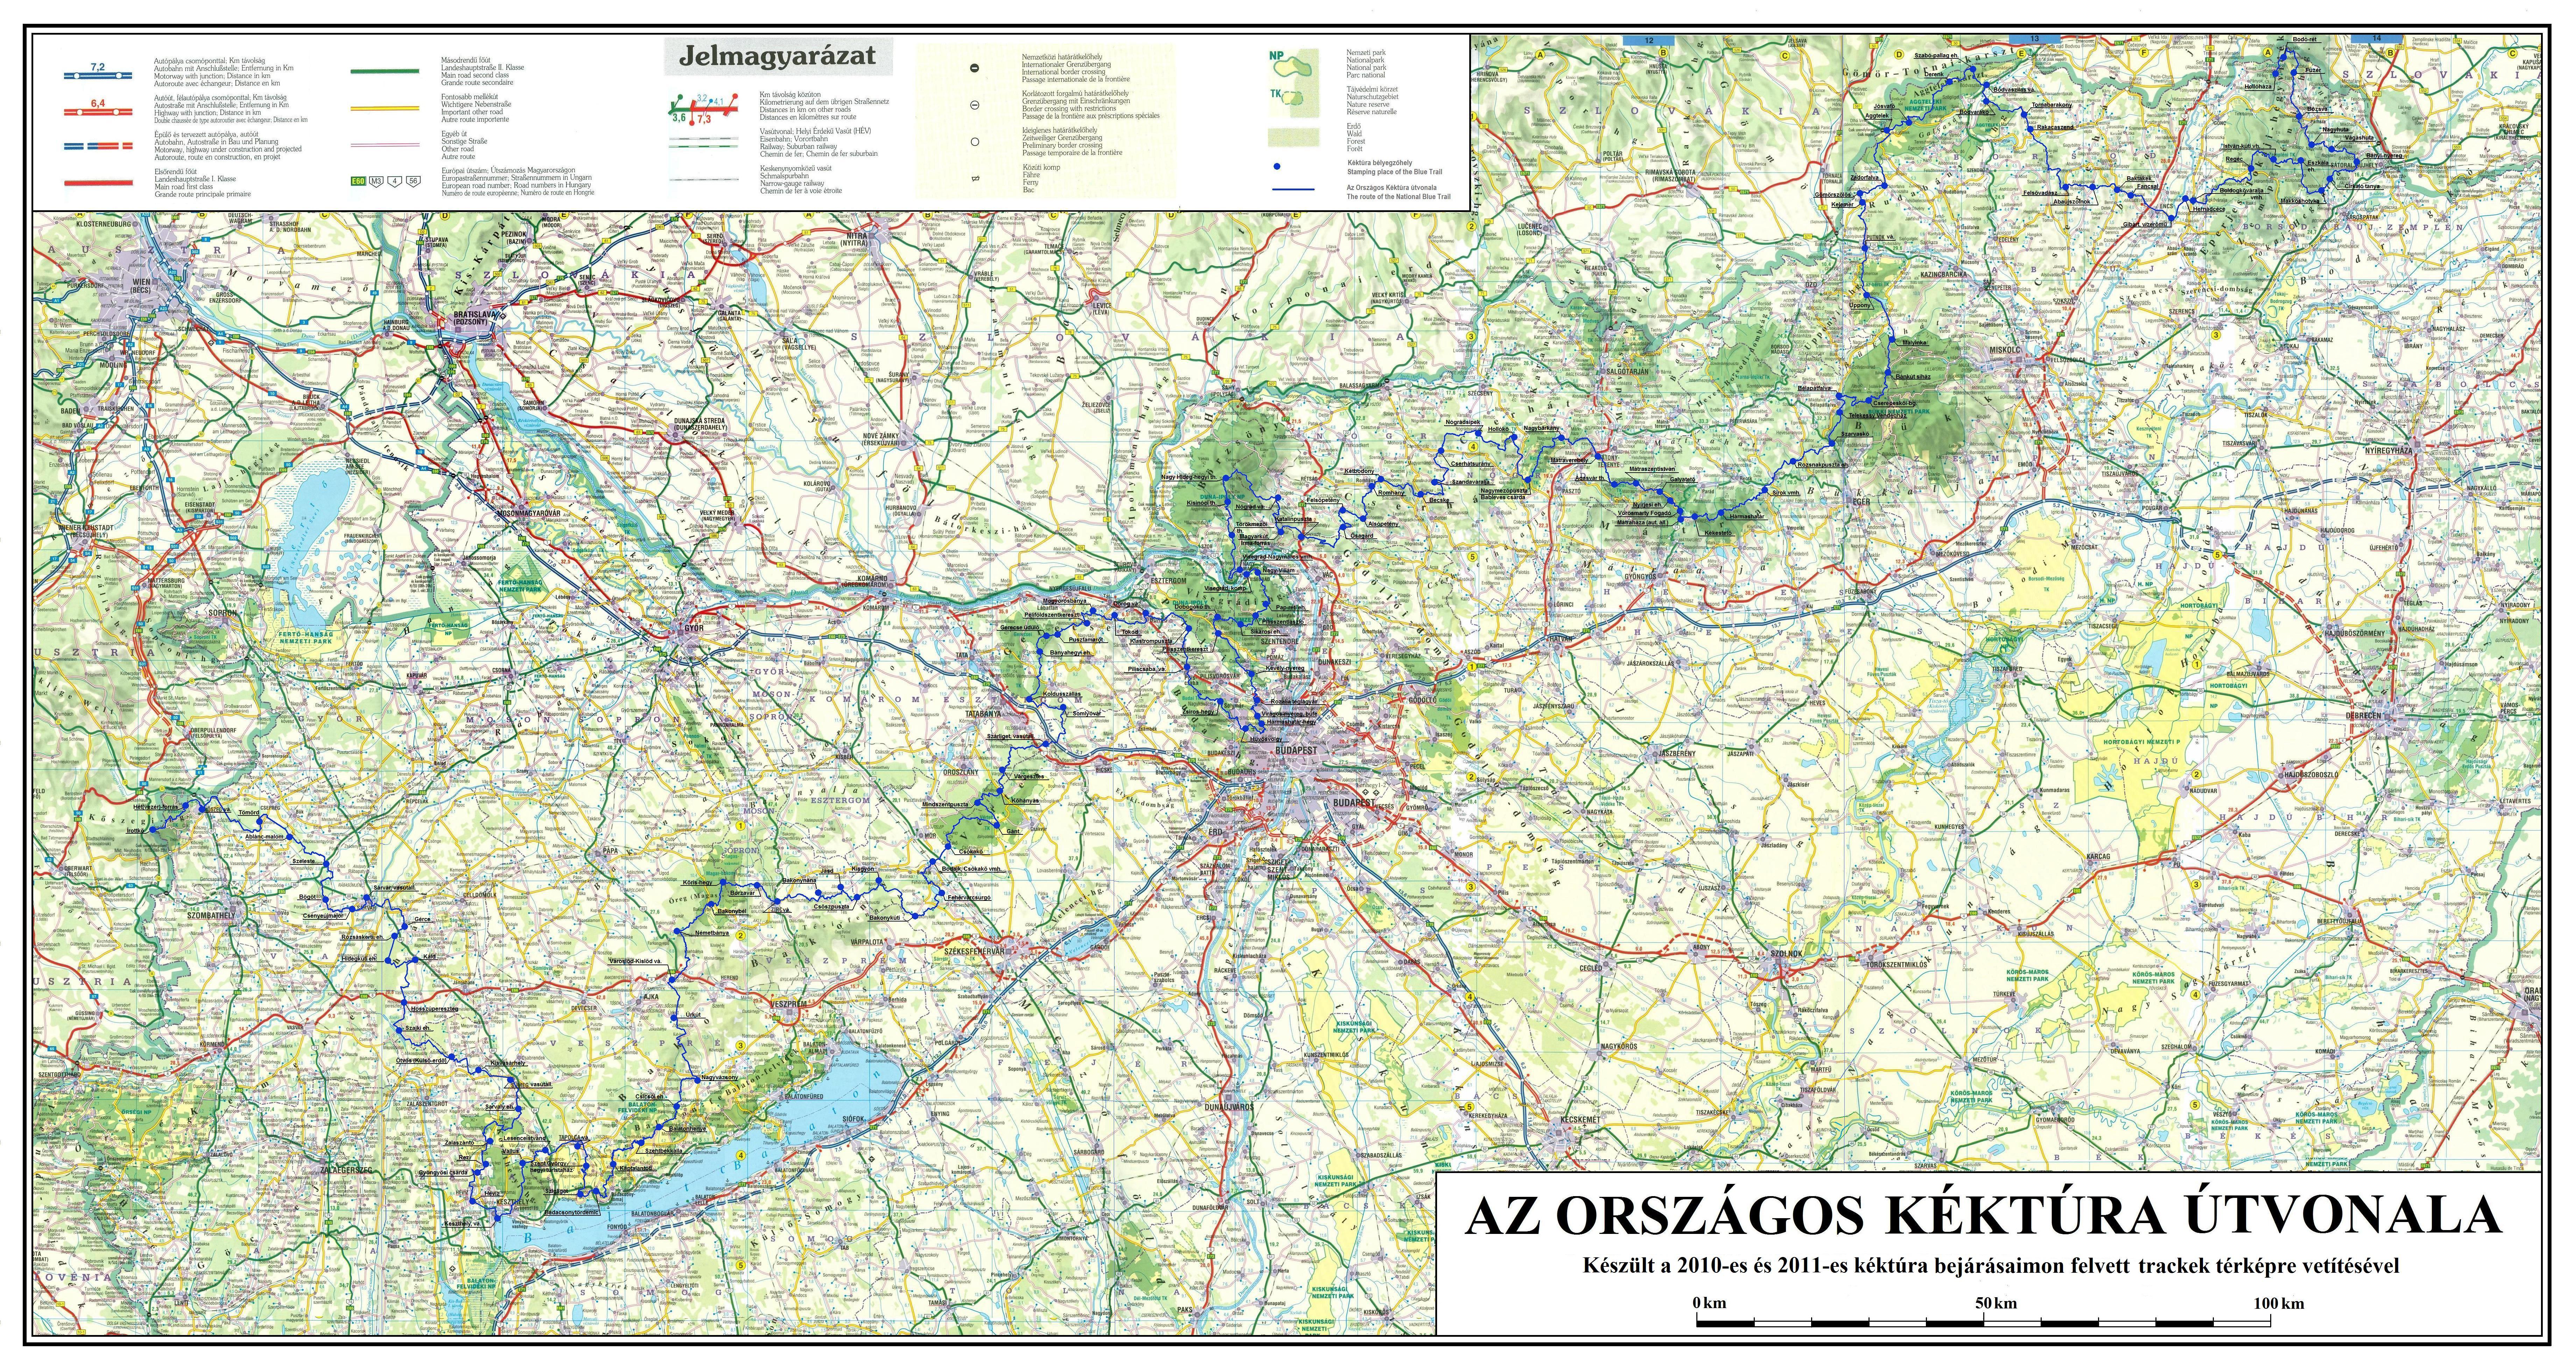 nagyfelbontású magyarország térkép KÉKTÚRA HONLAP   Az Országos Kéktúra kezdetei nagyfelbontású magyarország térkép